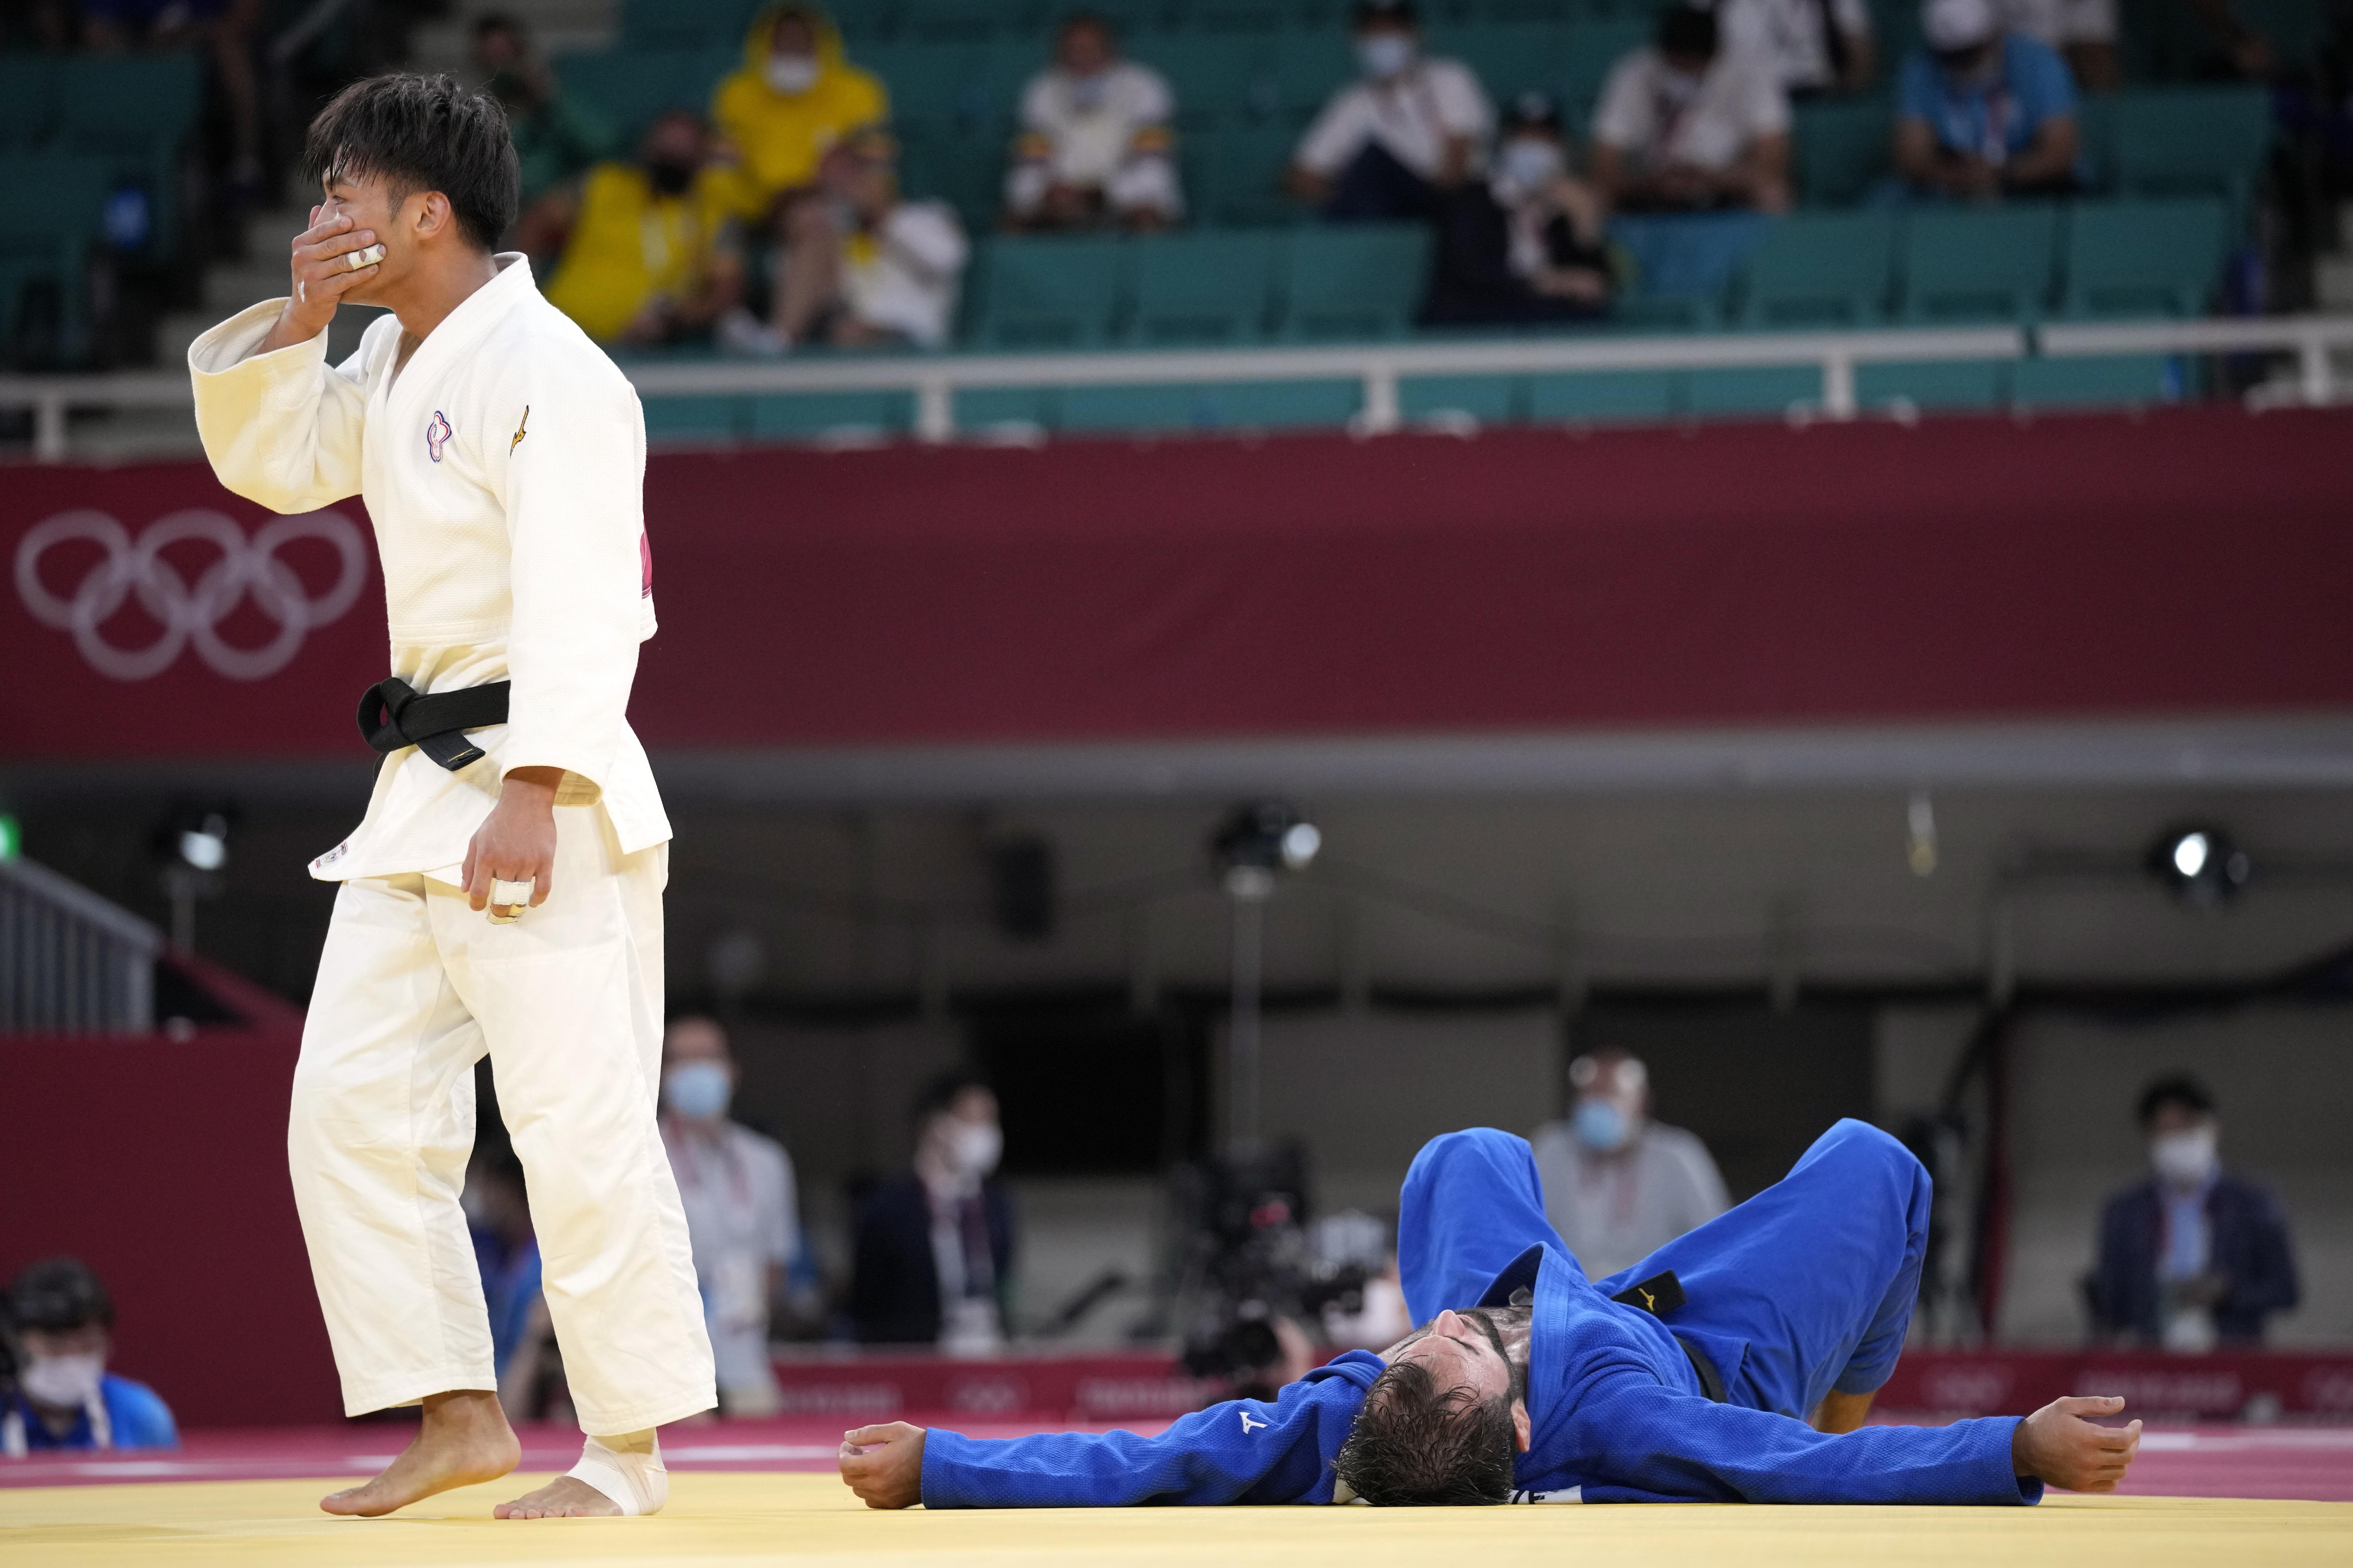 2021年7月24日,台灣柔道好手楊勇緯在東京奧運柔道男子60公斤量級4強賽,擊敗法國選手姆凱德澤(Luka Mkheidze),挺進冠軍戰,坐銀望金,確定為台灣奪下這屆奧運首面獎牌(AP)